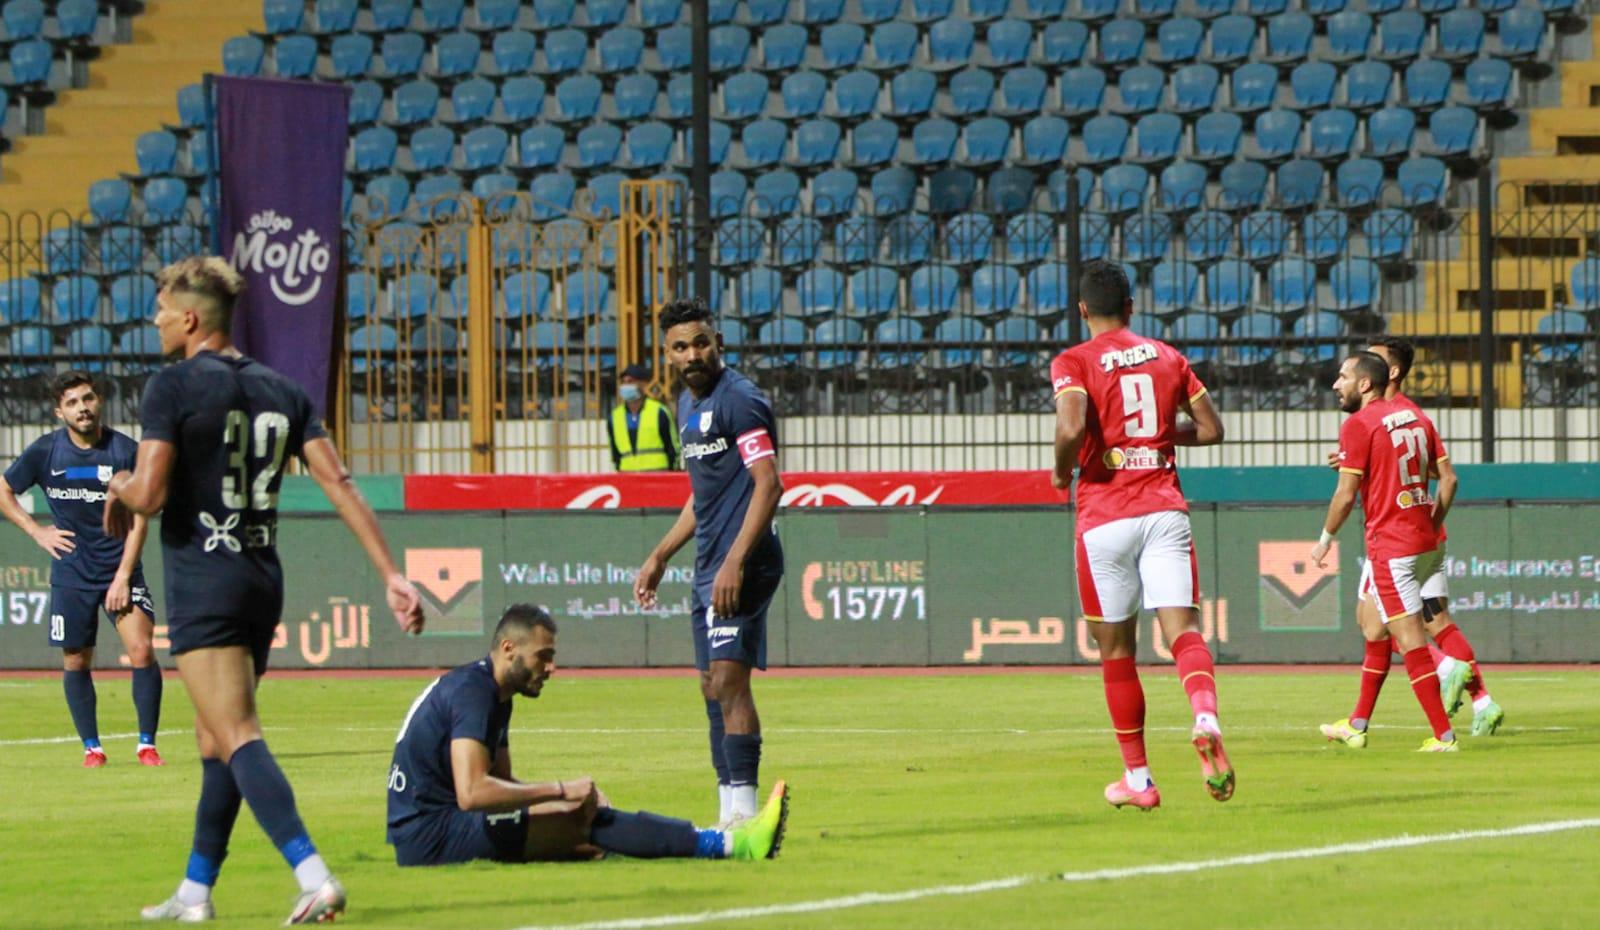 الأهلي يتخطى عقبة إنبي ويواجه بيراميدز في ربع نهائي كأس مصر